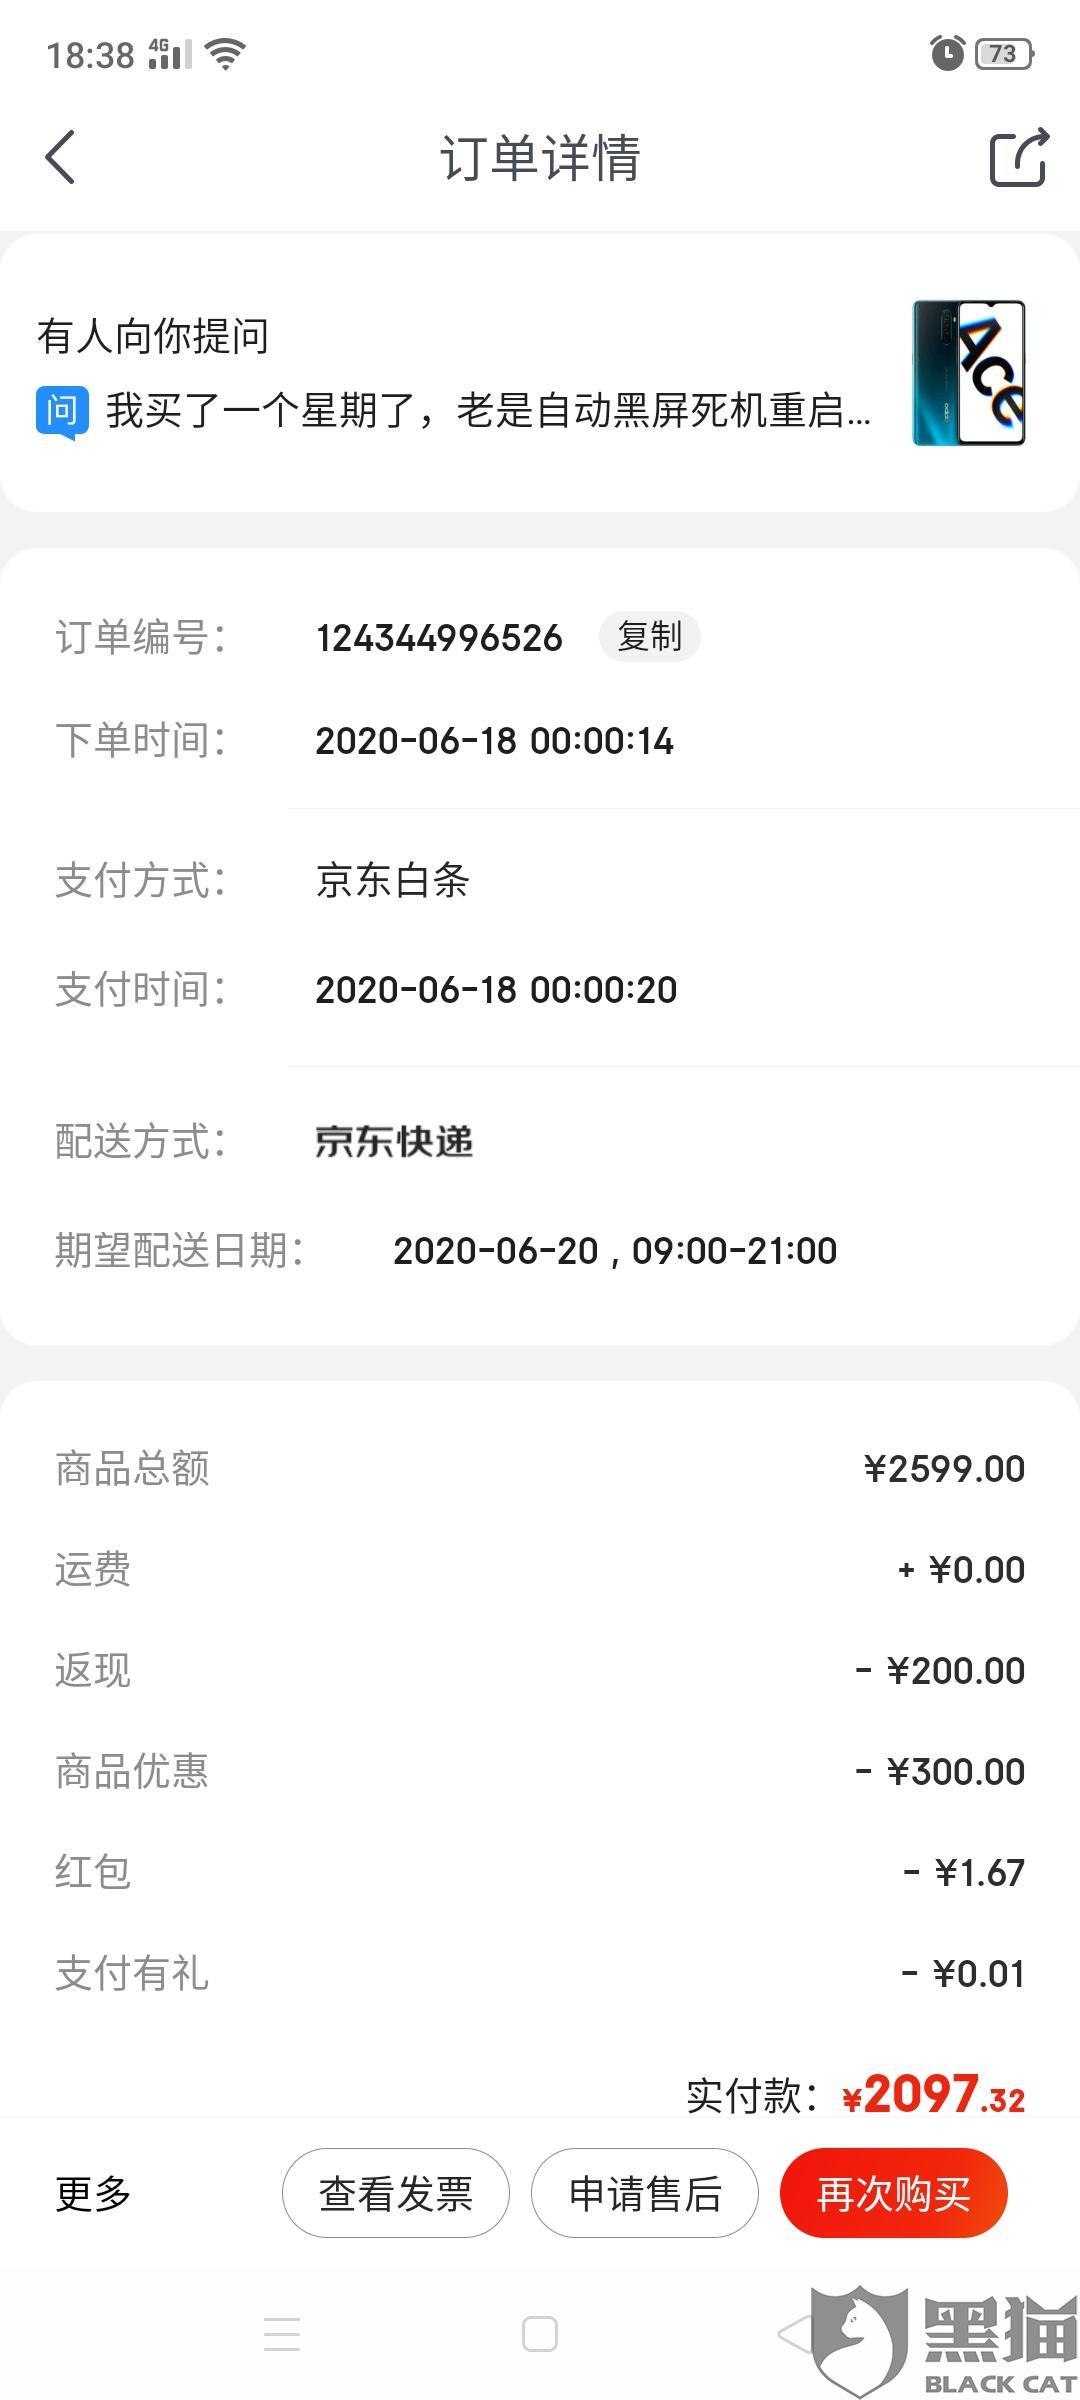 黑猫投诉:参与京东自营OPPO旗舰店宣传的推荐购手机送耳机活动,事后拒绝发货